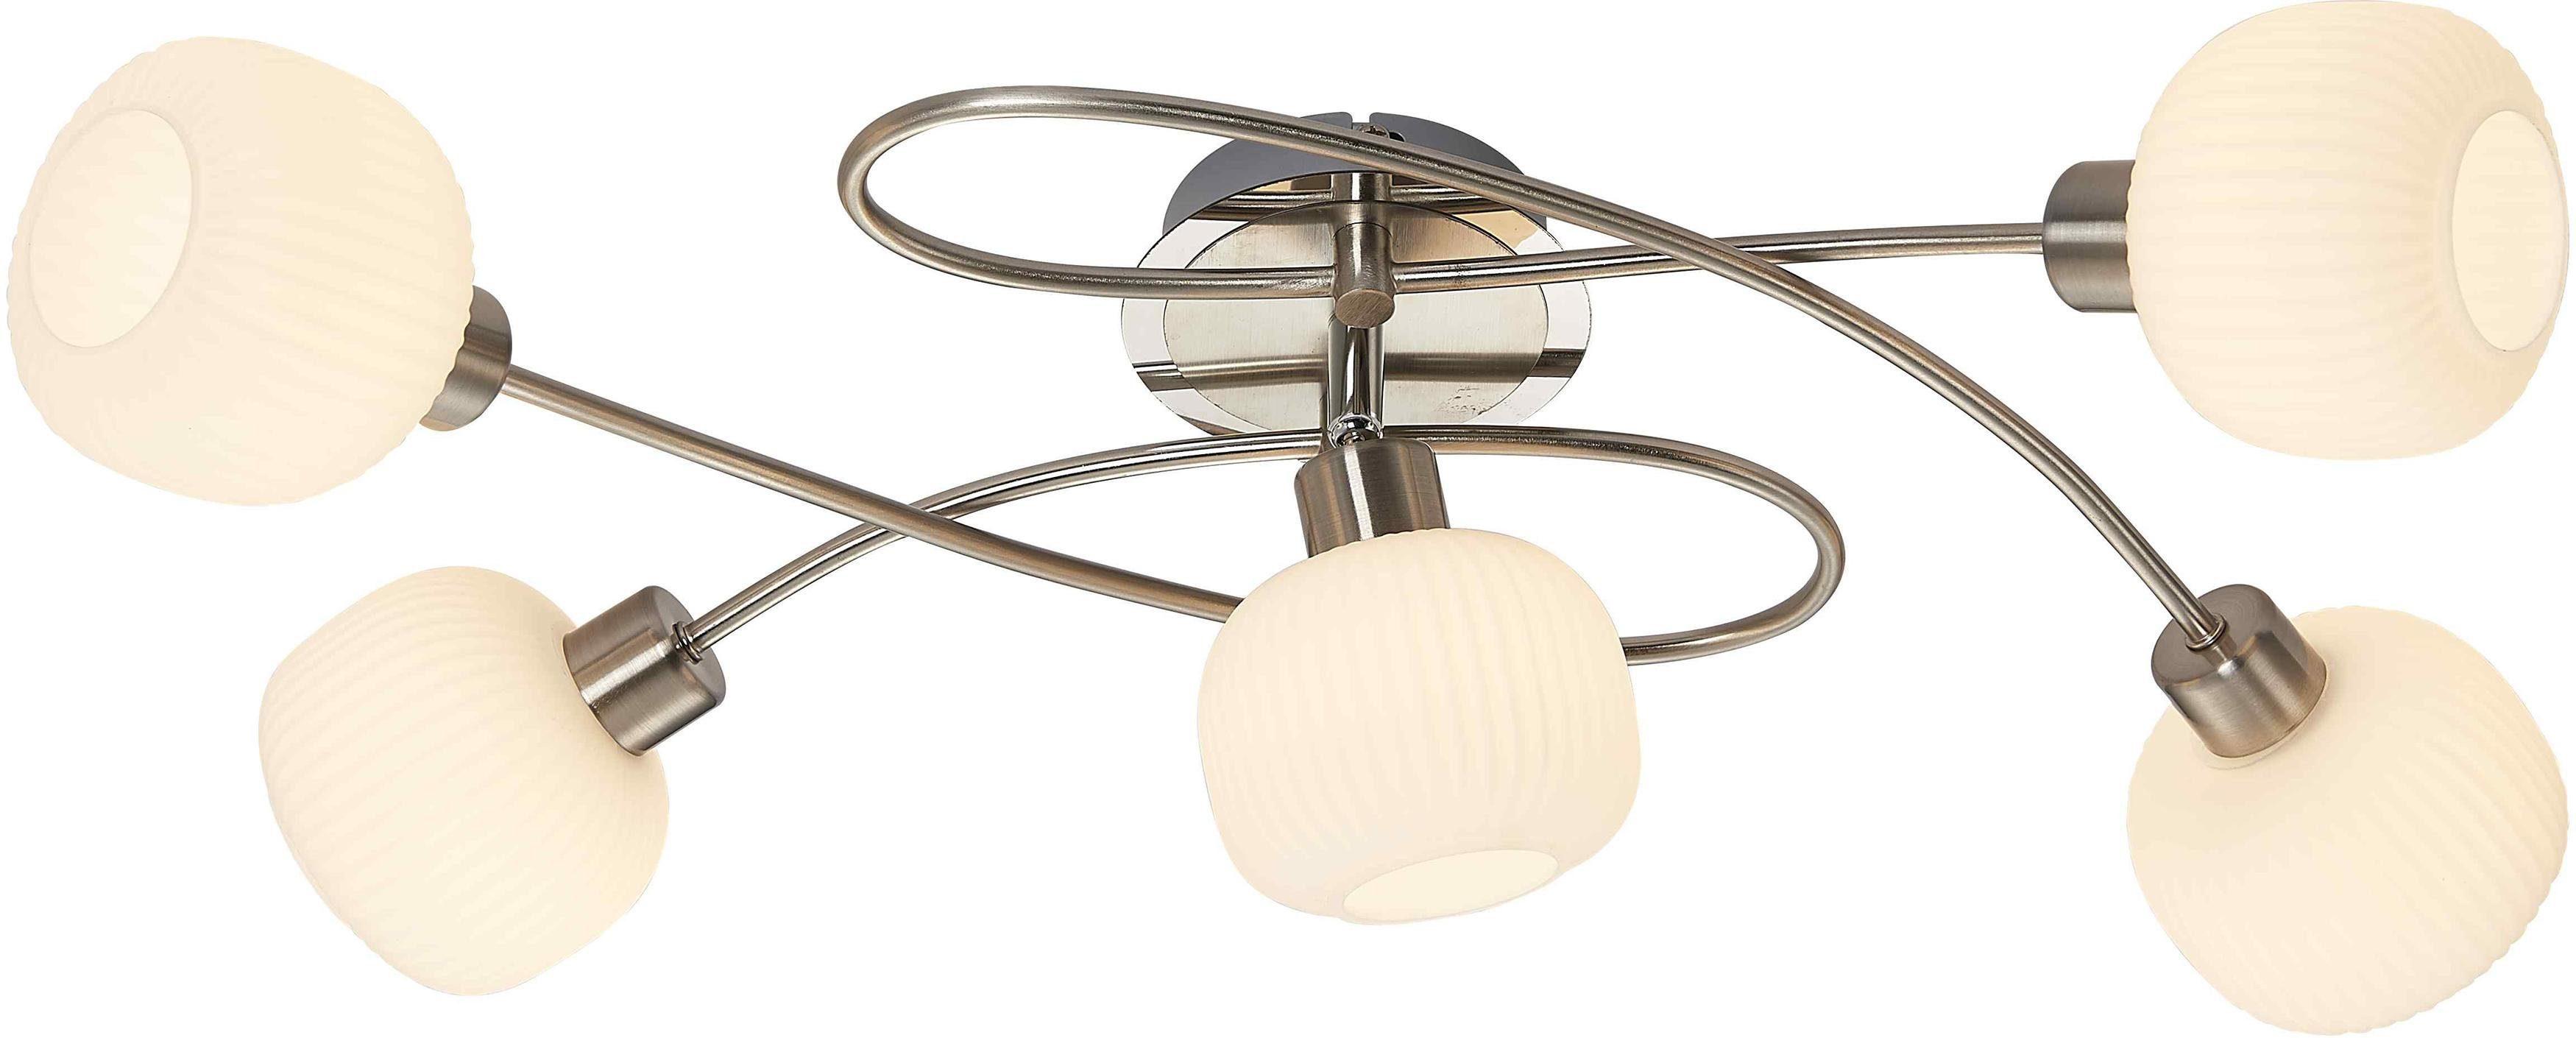 Nino Leuchten LED Deckenleuchte